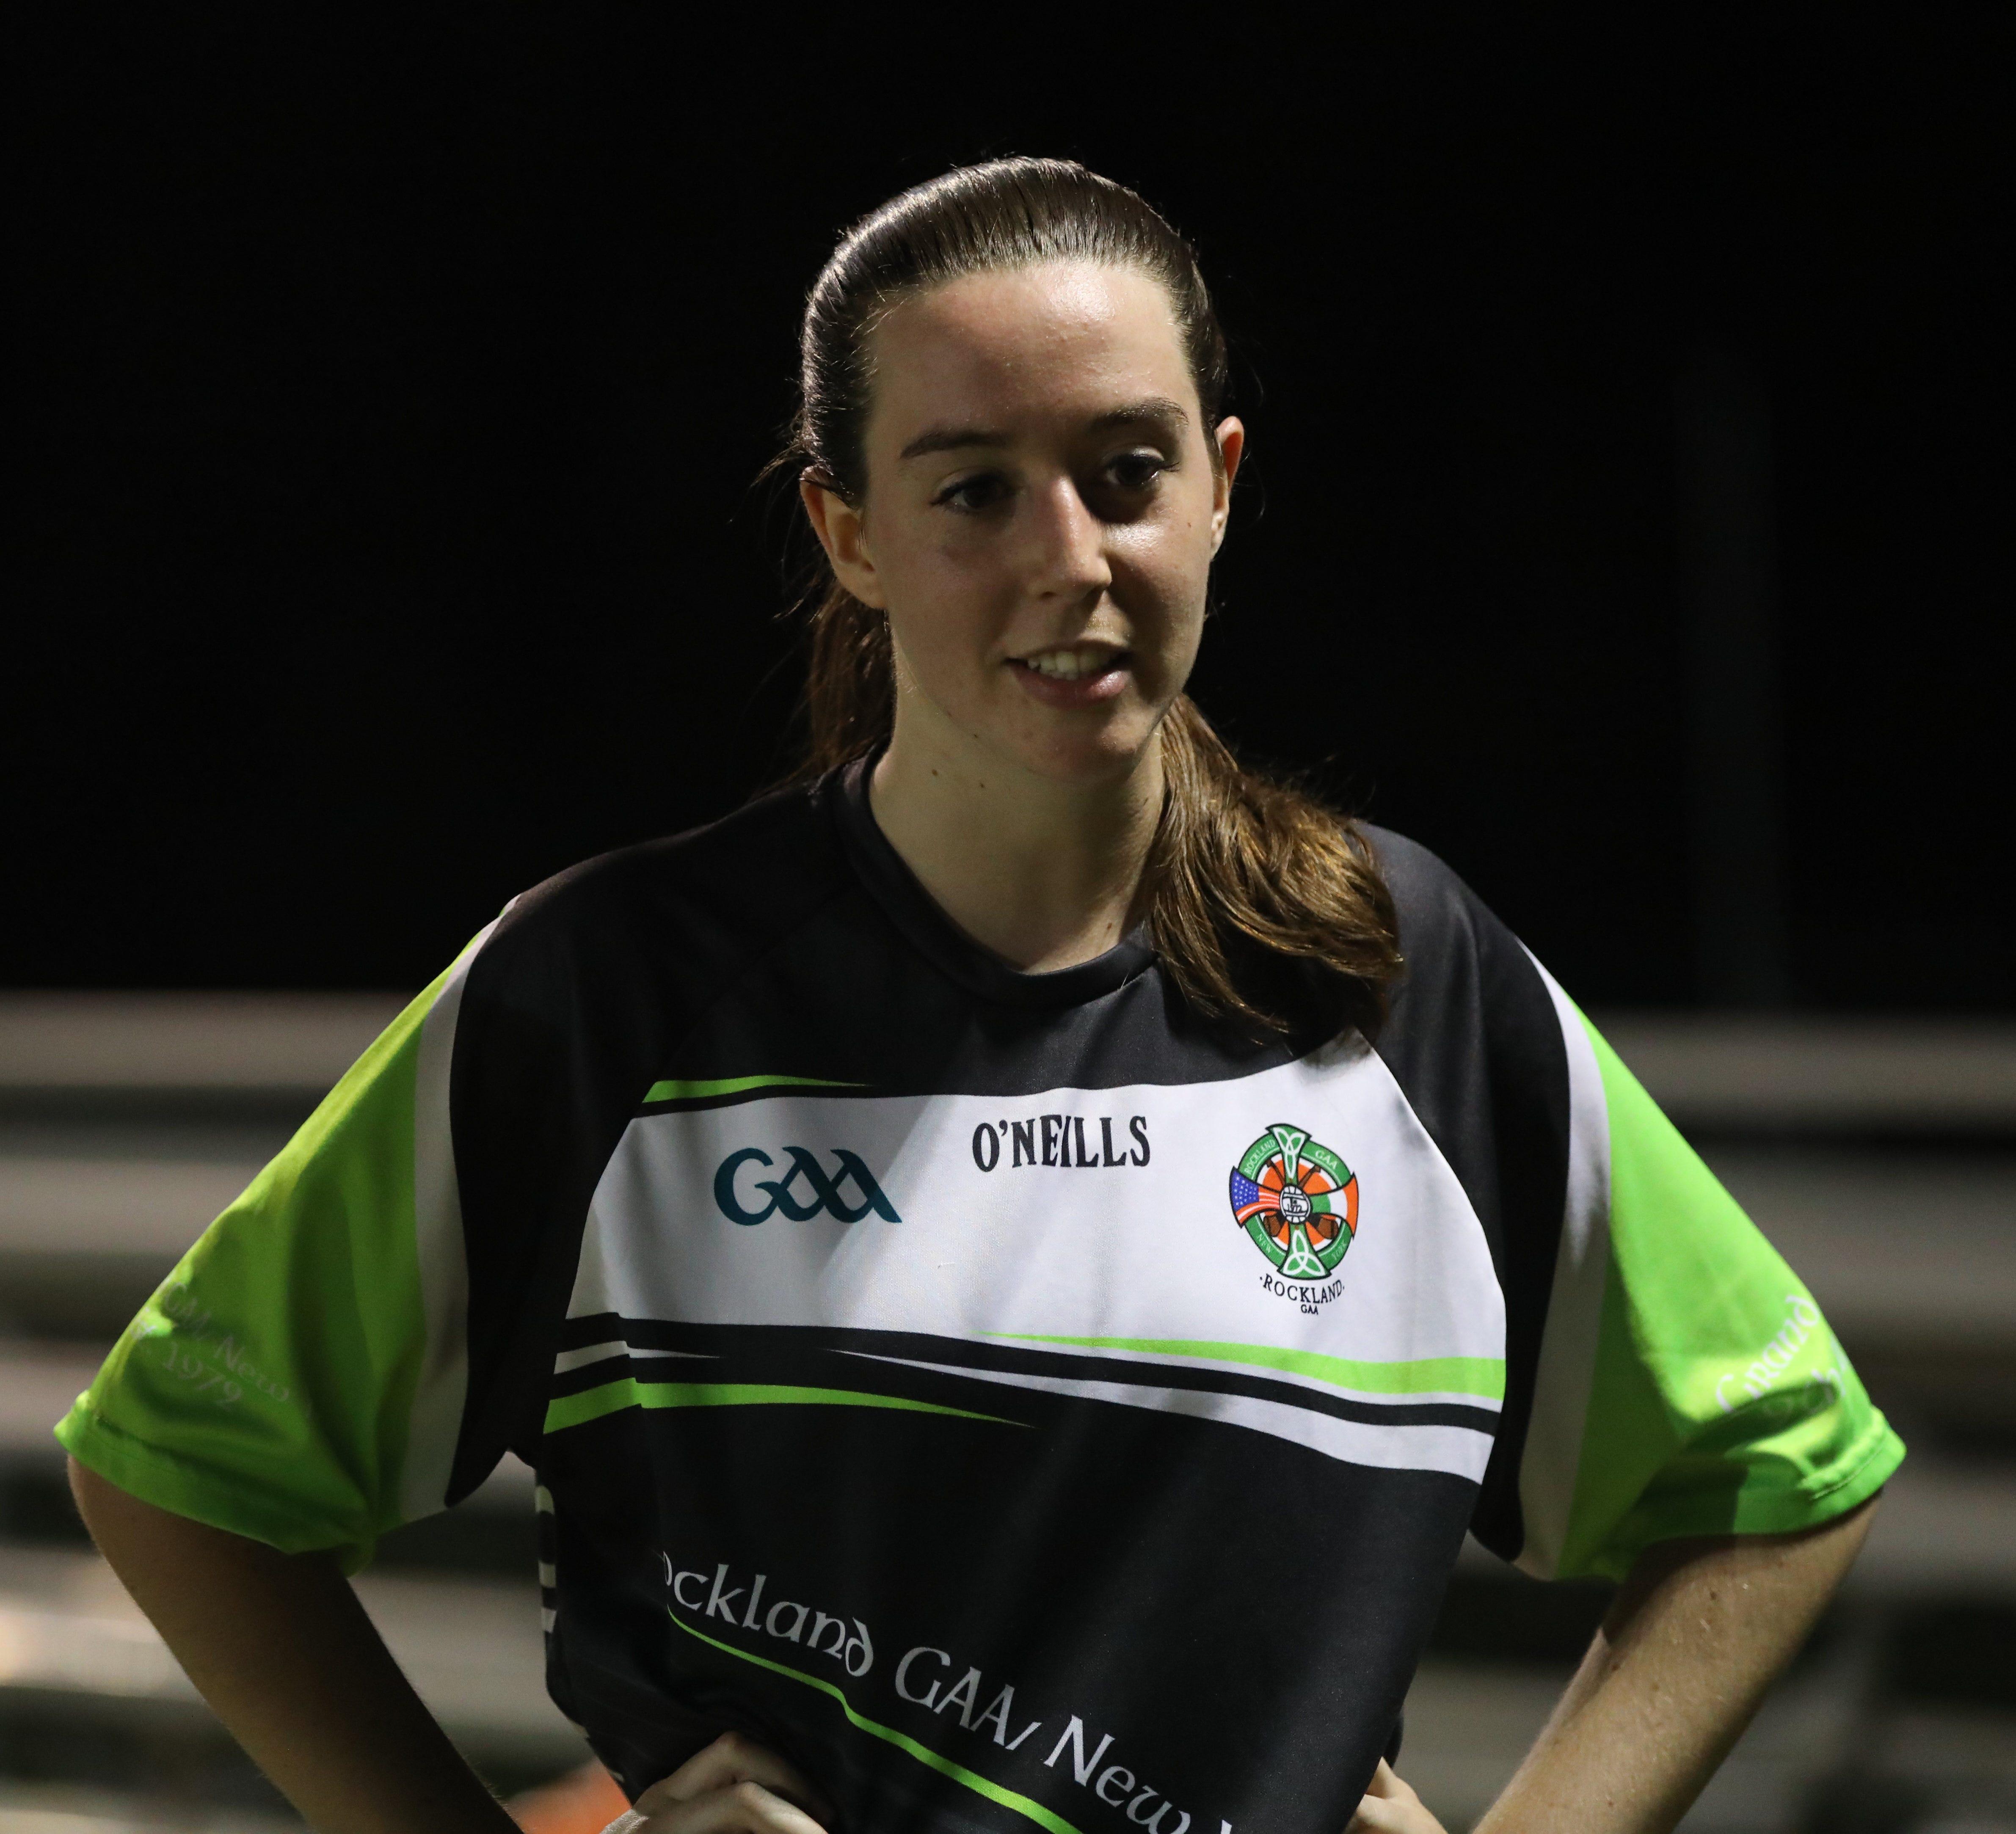 IRELAND gaelic hurling irish sport game football NEW Boys Girls Kids T SHIRT TOP